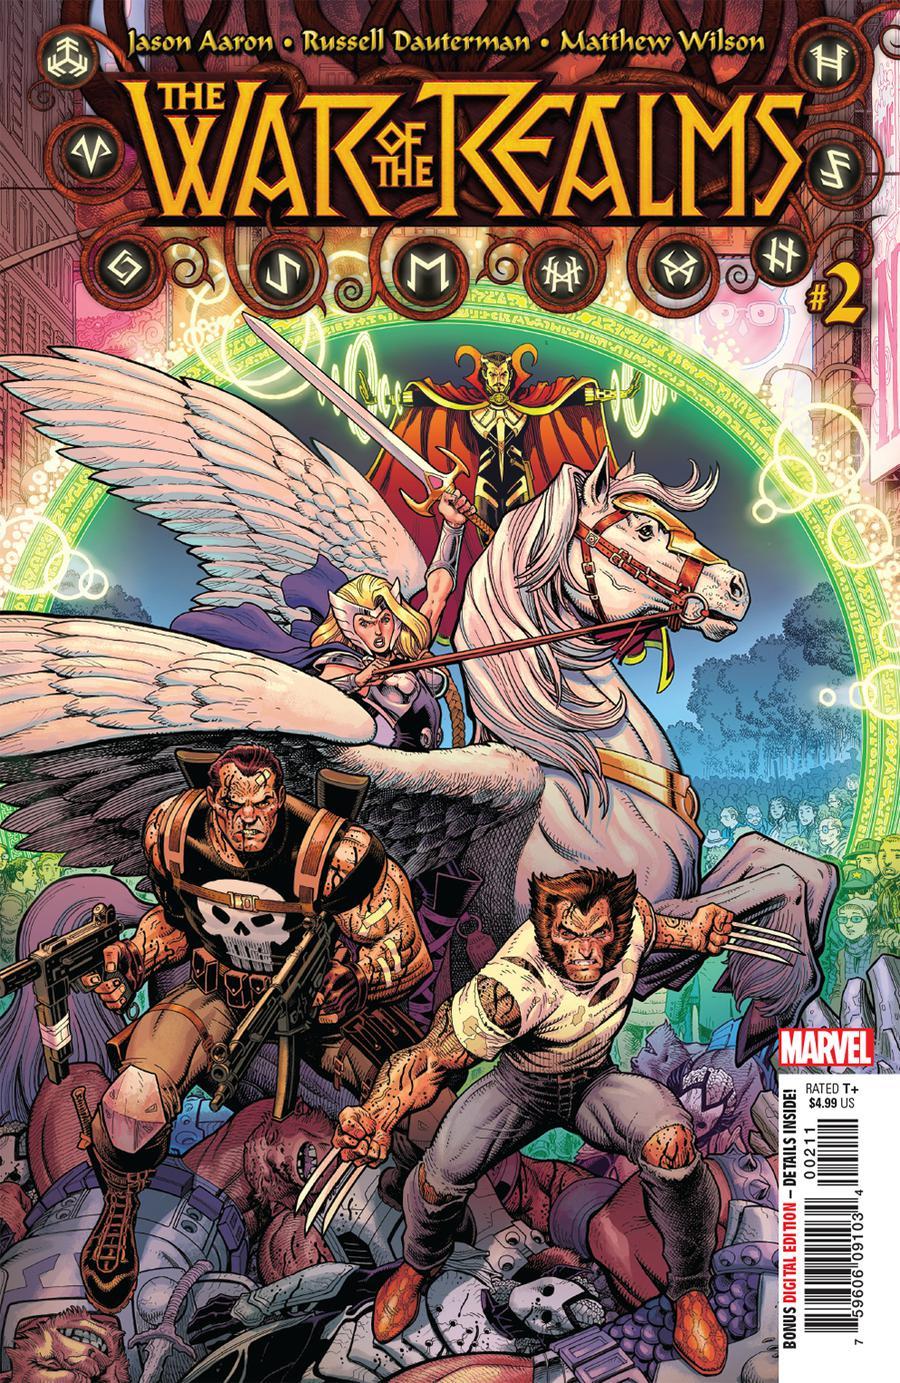 War Of The Realms #2 Cover A 1st Ptg Regular Arthur Adams & Matthew Wilson Cover